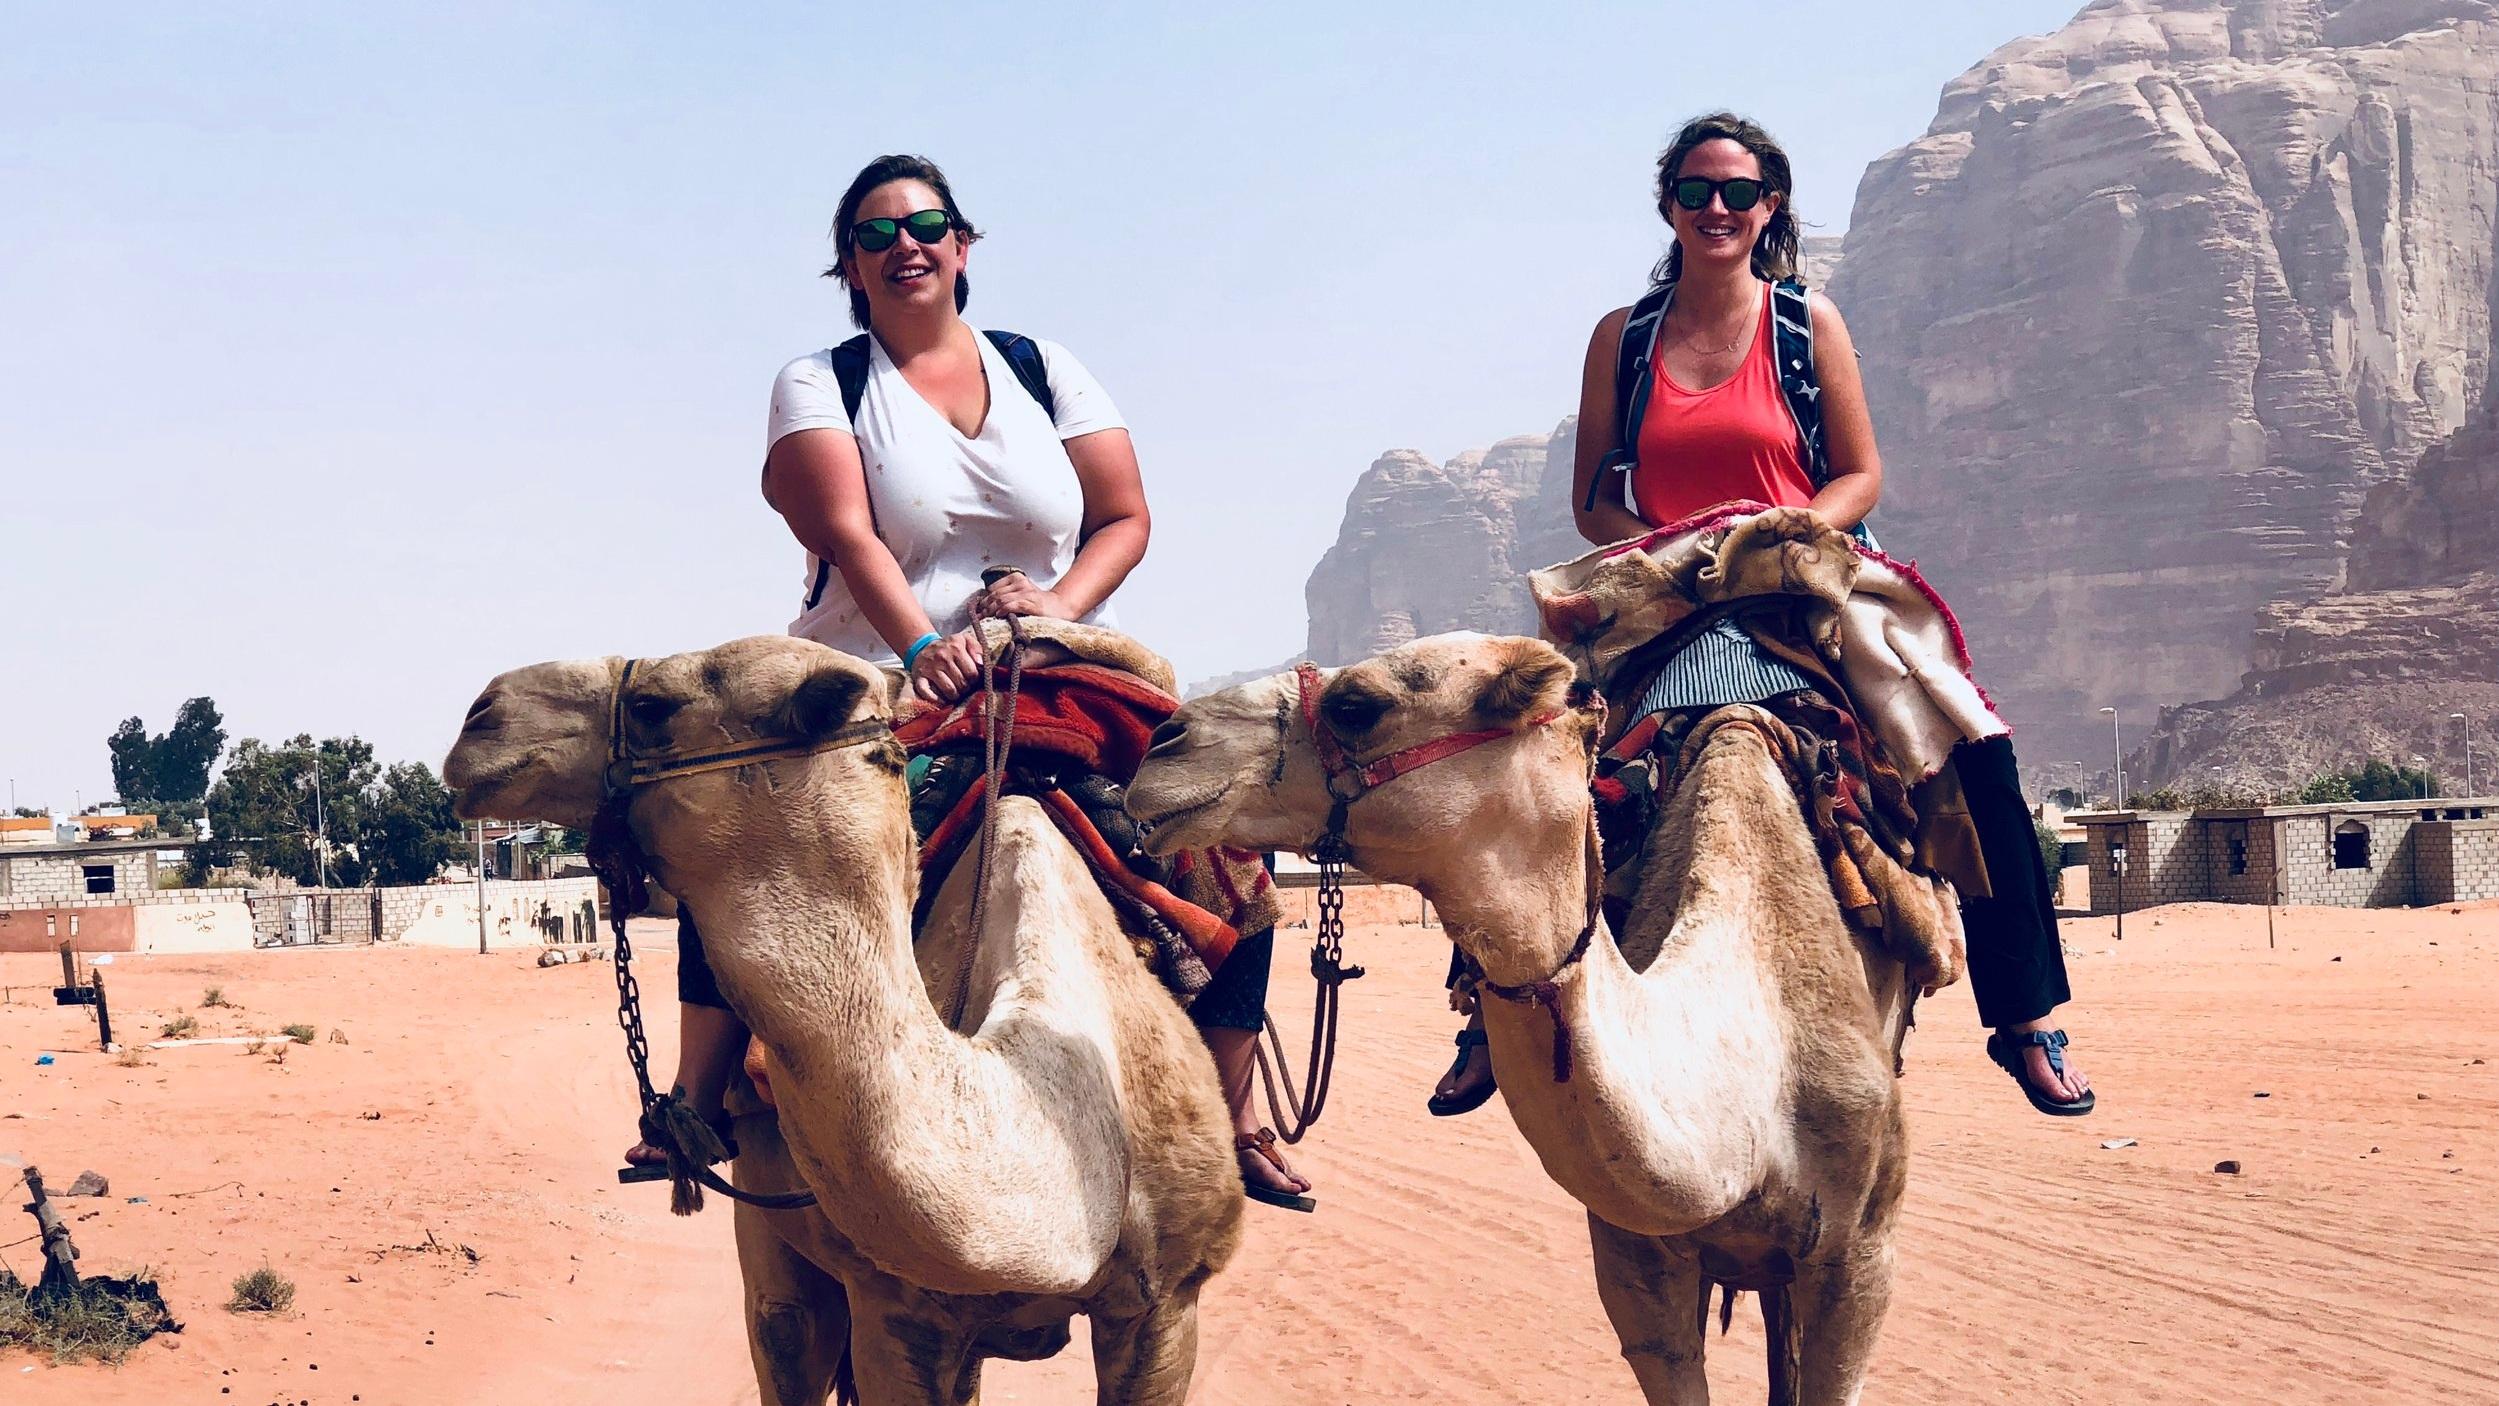 We went to Mars with my ride or die!  Wadi Rum, Jordan